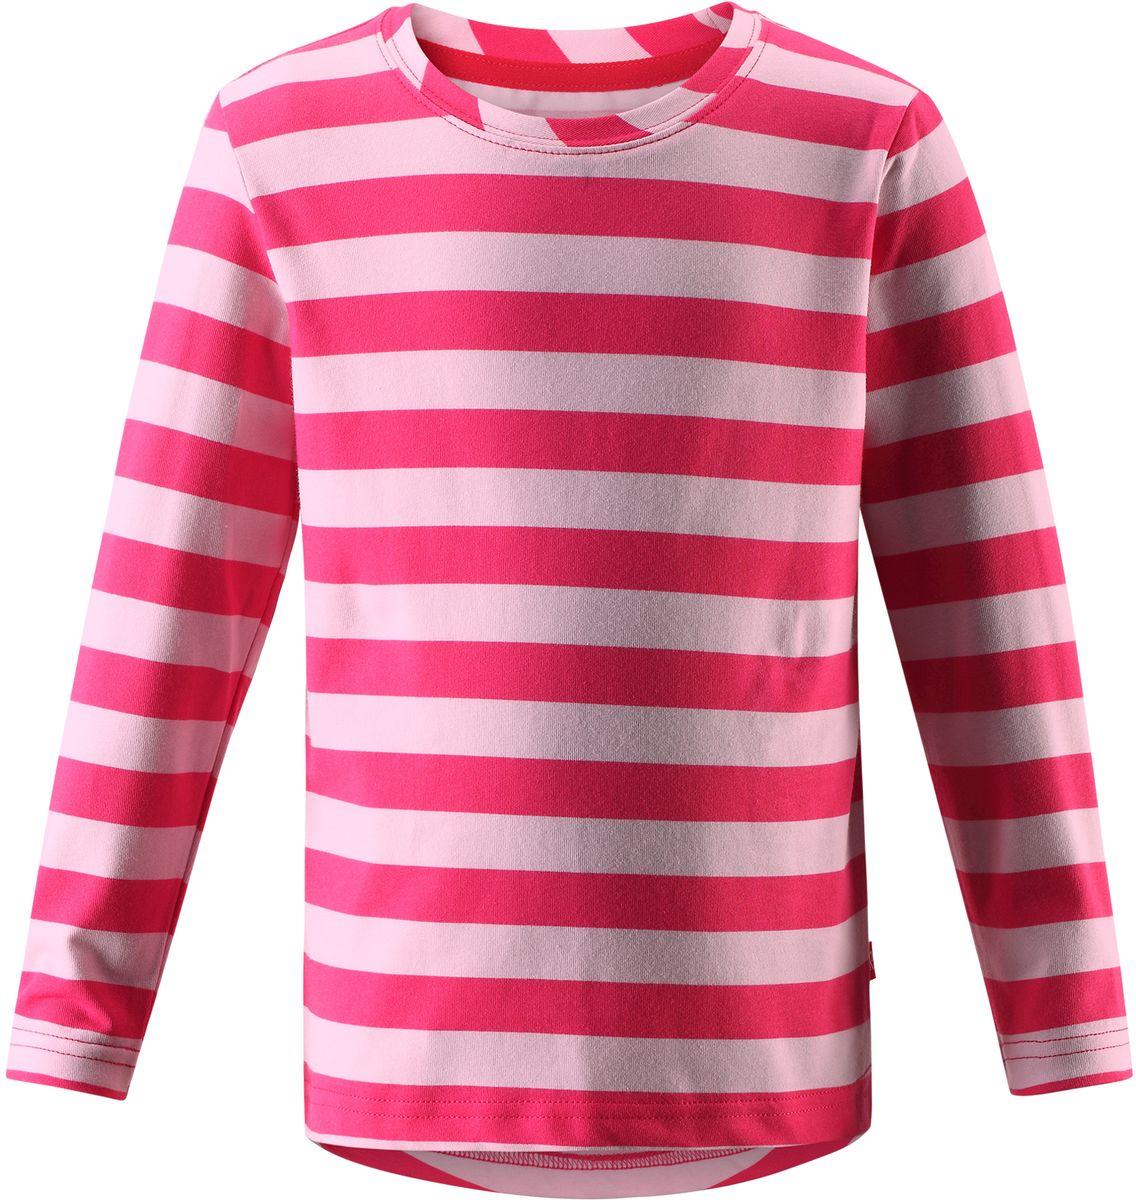 Футболка с длинным рукавом детская Reima Kuper, цвет: розовый. 5262523369. Размер 1405262523369Футболка с длинными рукавами для подростков изготовлена из удобного быстросохнущего материала Play Jersey с УФ-защитой 40+. Лицевая поверхность этого особо мягкого хлопчатобумажного материала очень приятна на ощупь, а обратная сторона эффективно отводит влагу. Благодаря эластану ткань тянется, обеспечивает комфорт и не сковывает движений во время подвижных игр.